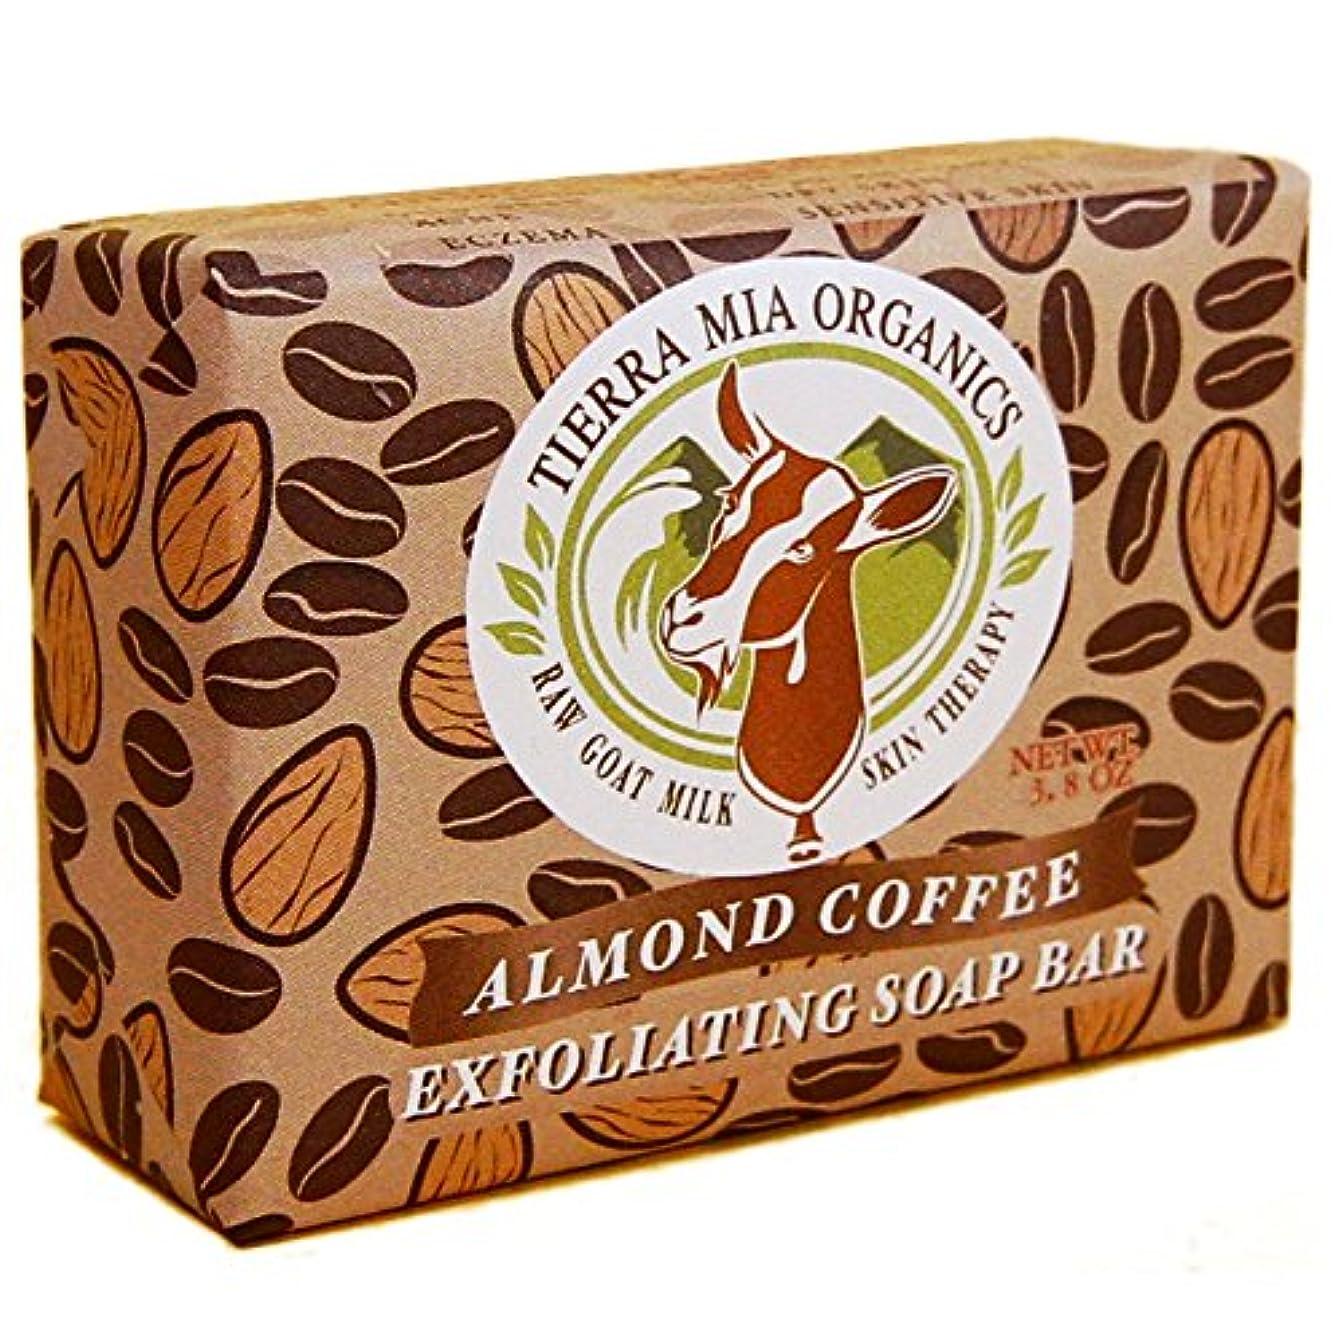 下向きますます乱暴なTierra Mia Organics, Raw Goat Milk Skin Therapy, Exfoliating Soap Bar, Almond Coffee, 3.8 oz